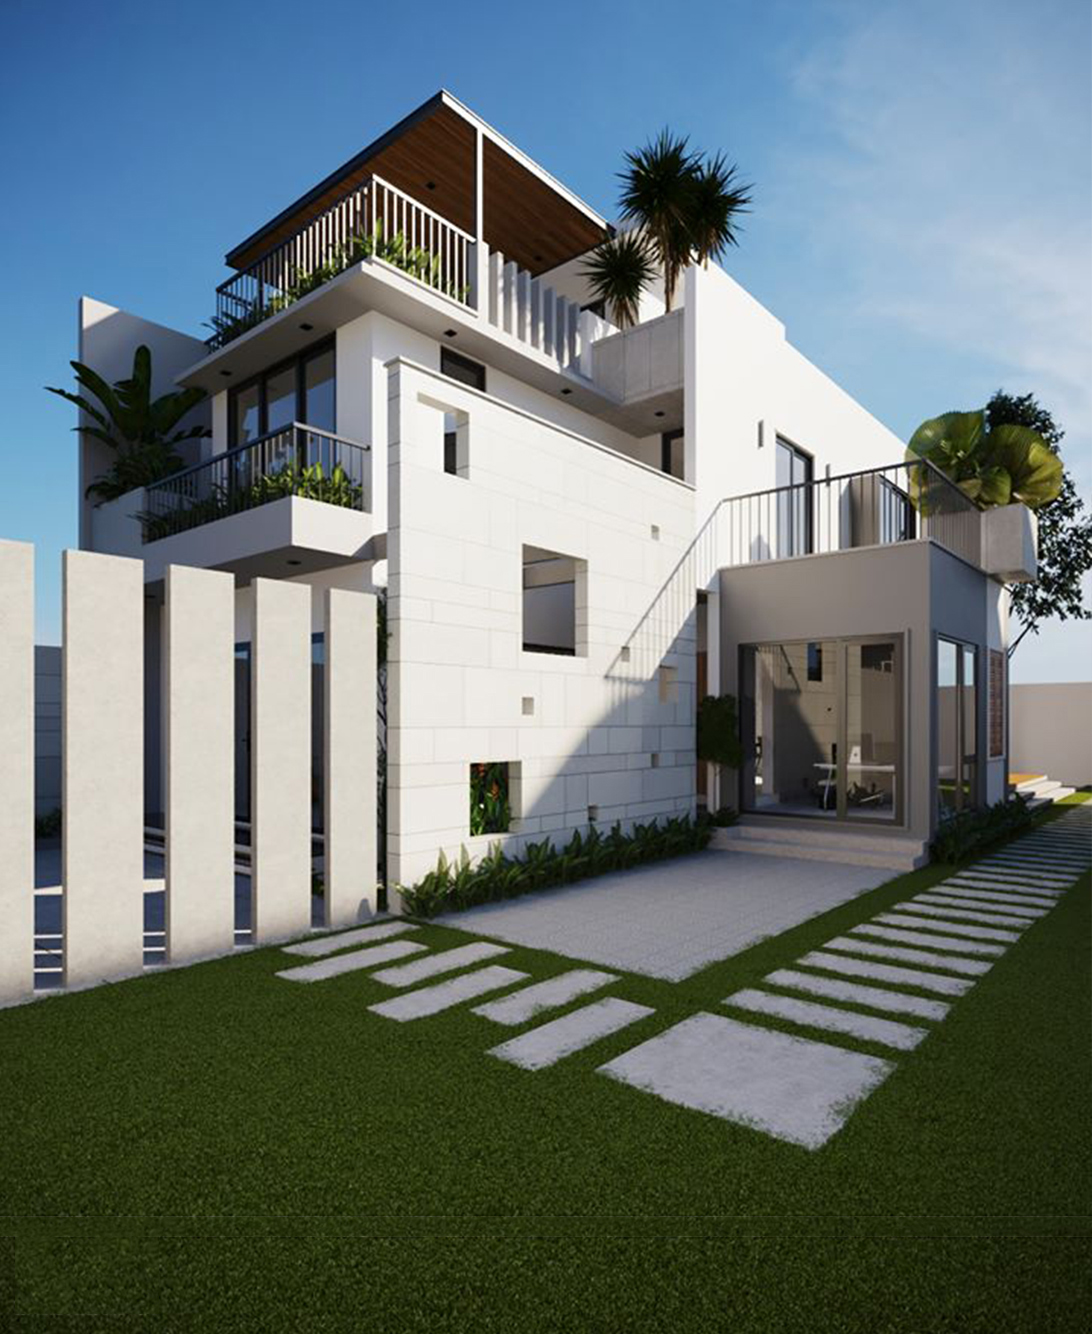 thiết kế nhà 2 tầng 5x20m có gara